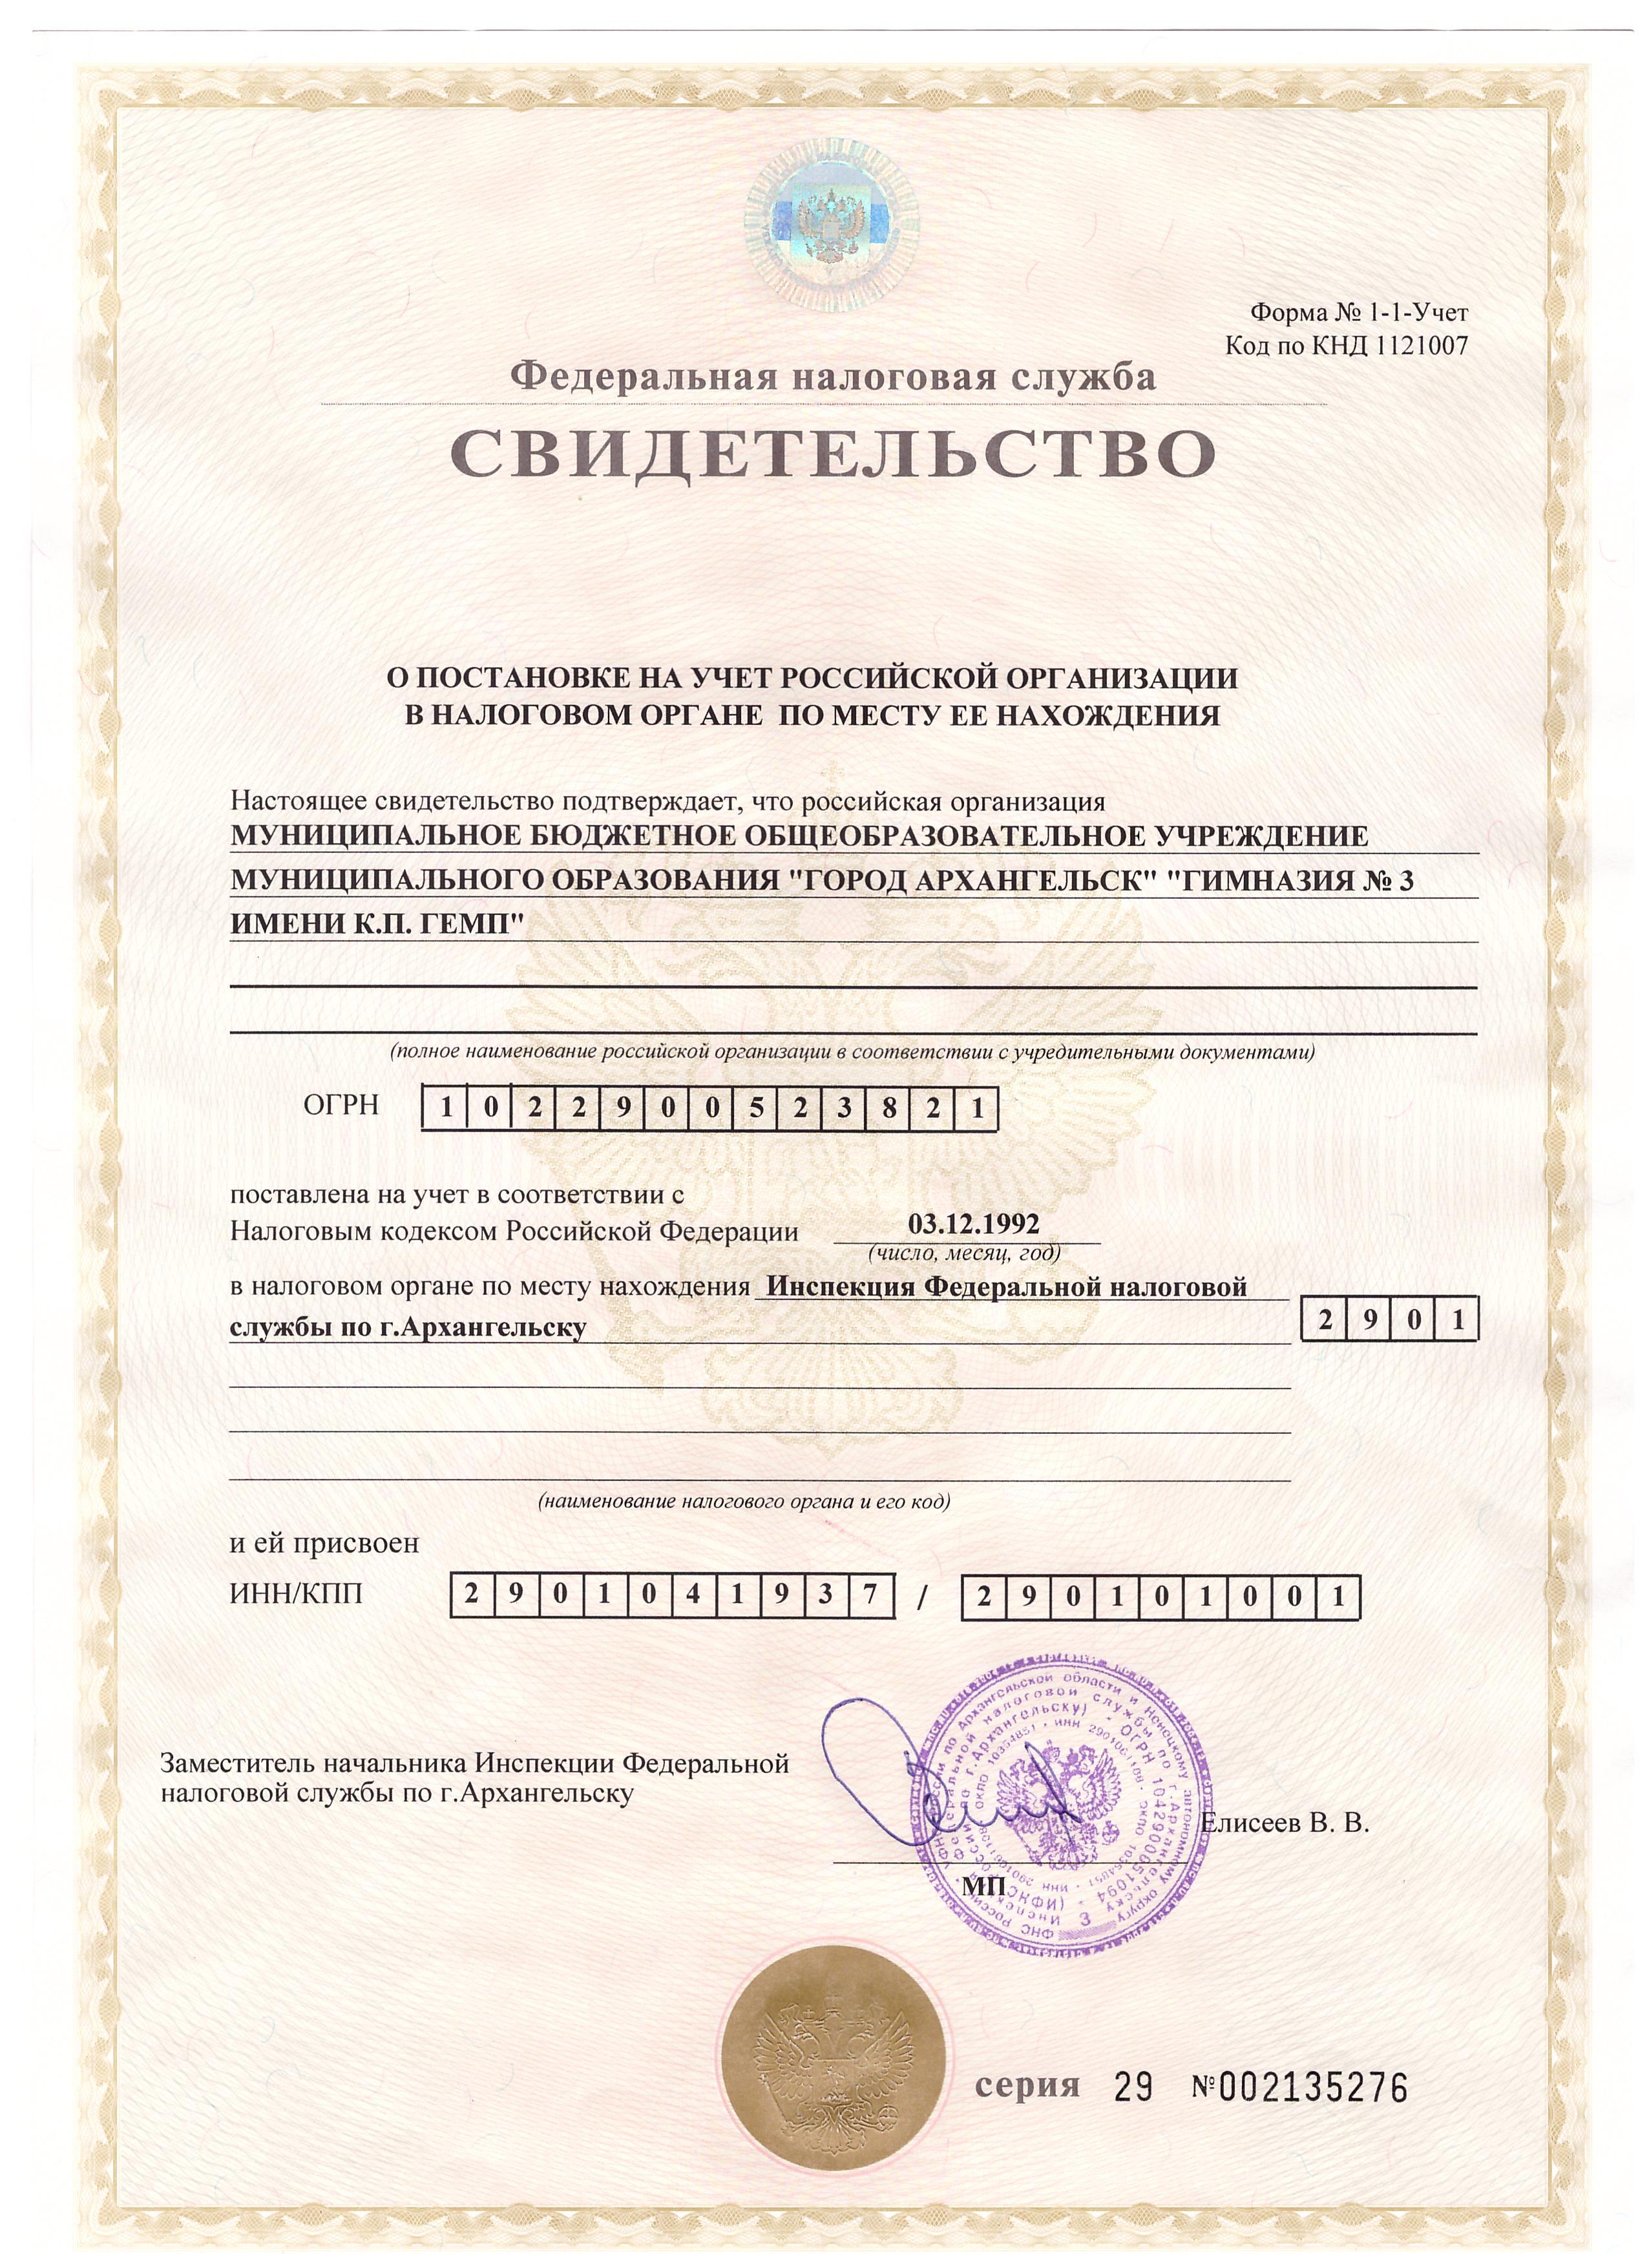 МБОУ Российская гимназия № 59 г Улан-Удэ (ИНН